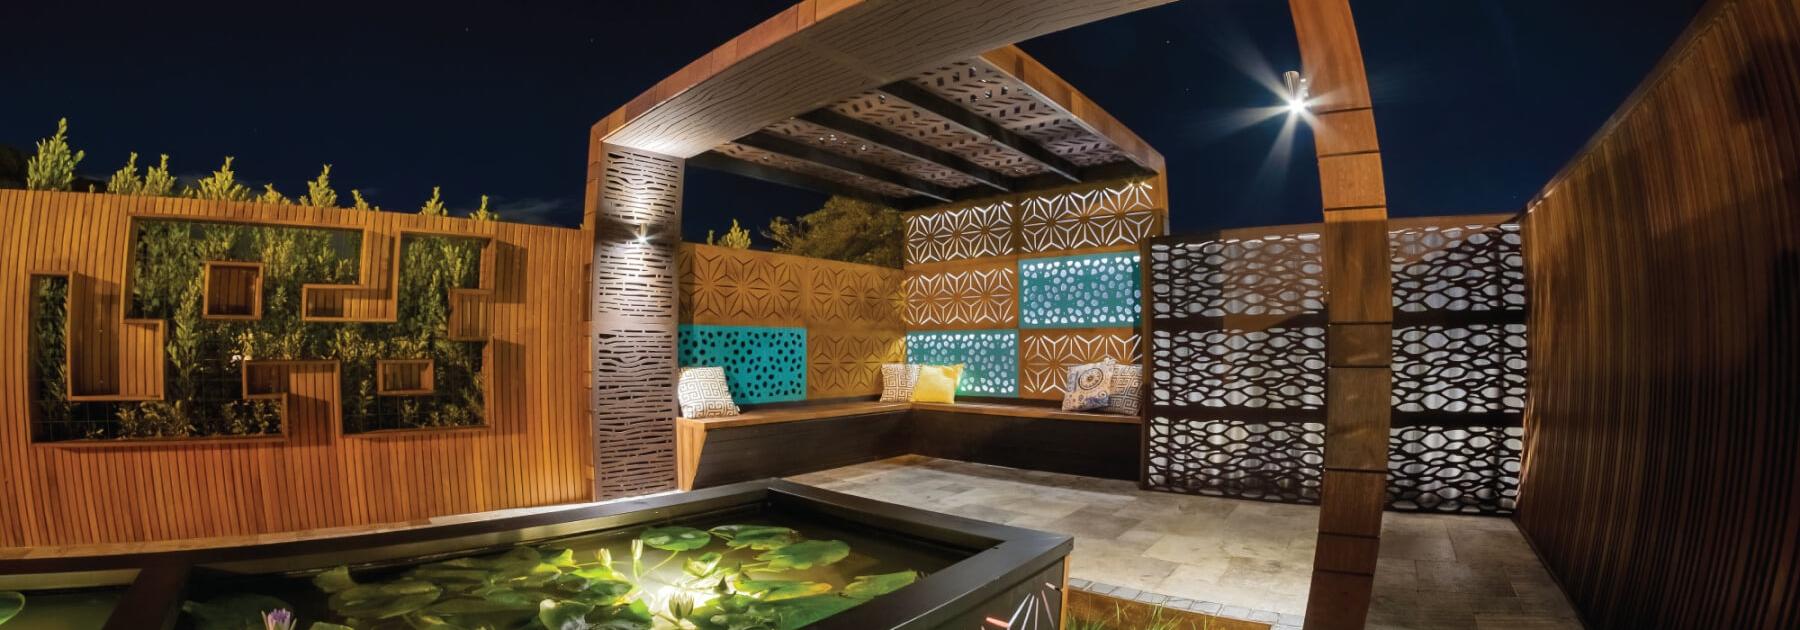 Outdeco Garden Screen Outdoor Decorative Amp Privacy Screening